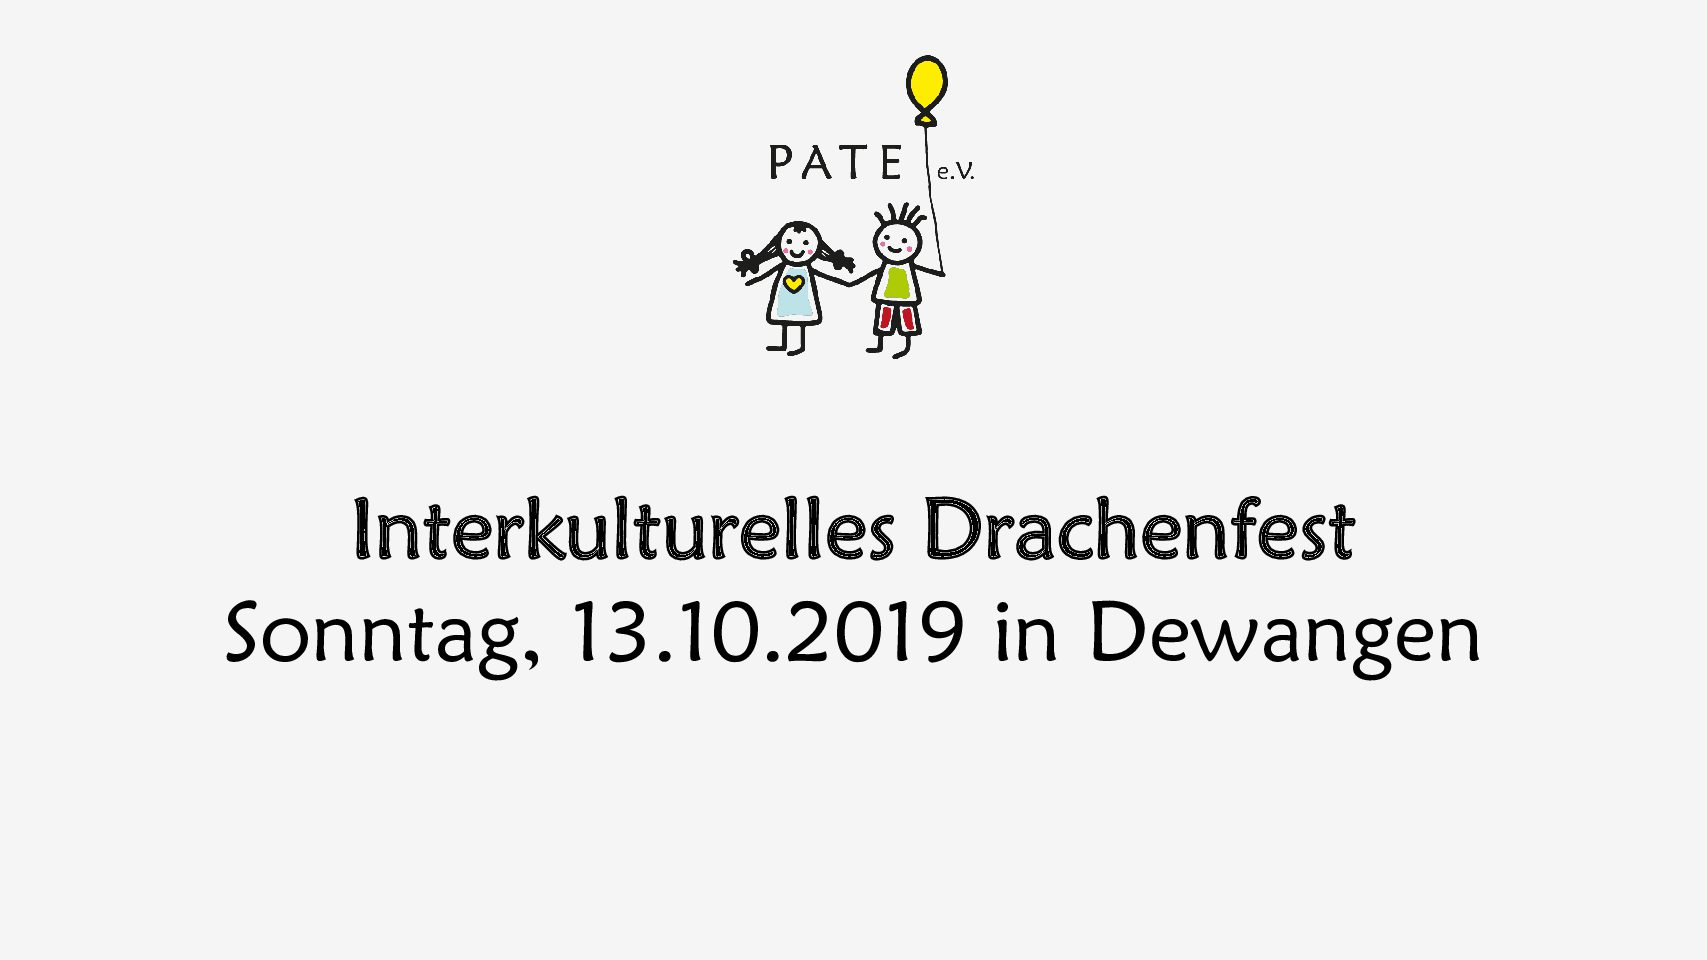 Interkulturelles Drachenfest in Dewangen